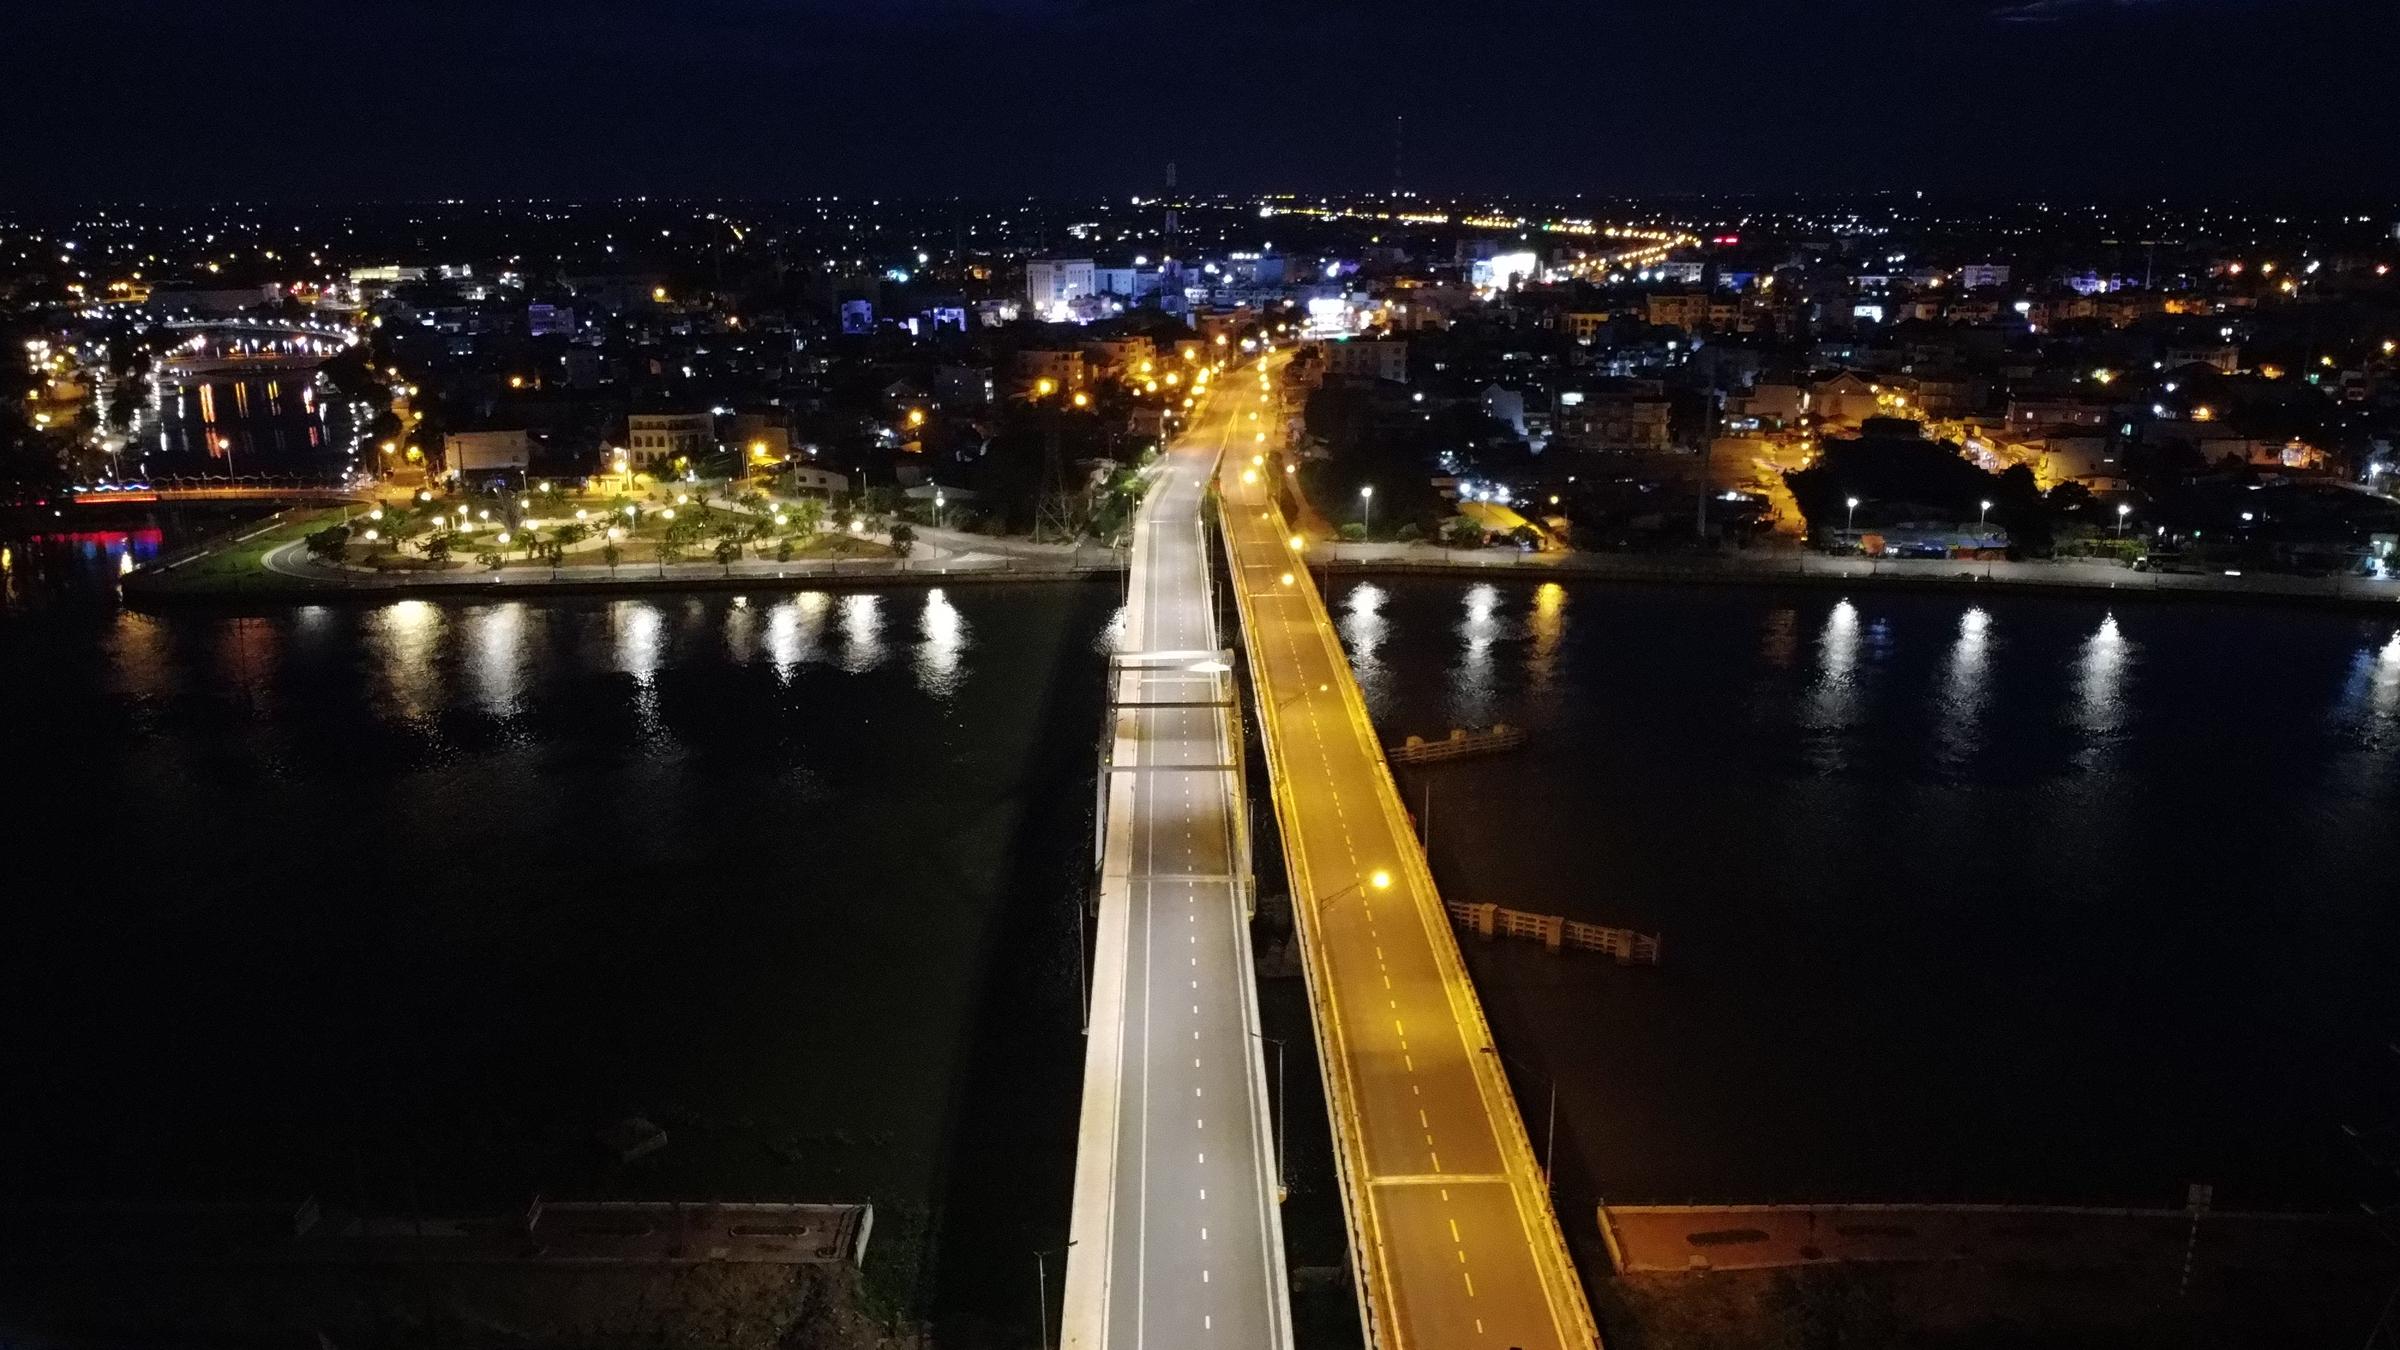 Cầu Tân An 1 và 2 trên quốc lộ 1, bắc qua sông Vàm Cỏ Tây dẫn vào trung tâm TP Tân An (Long An) vắng xe sau khi tỉnh yêu cầu người dân không ra đường, hôm 28/7. Ảnh: Hoàng Nam